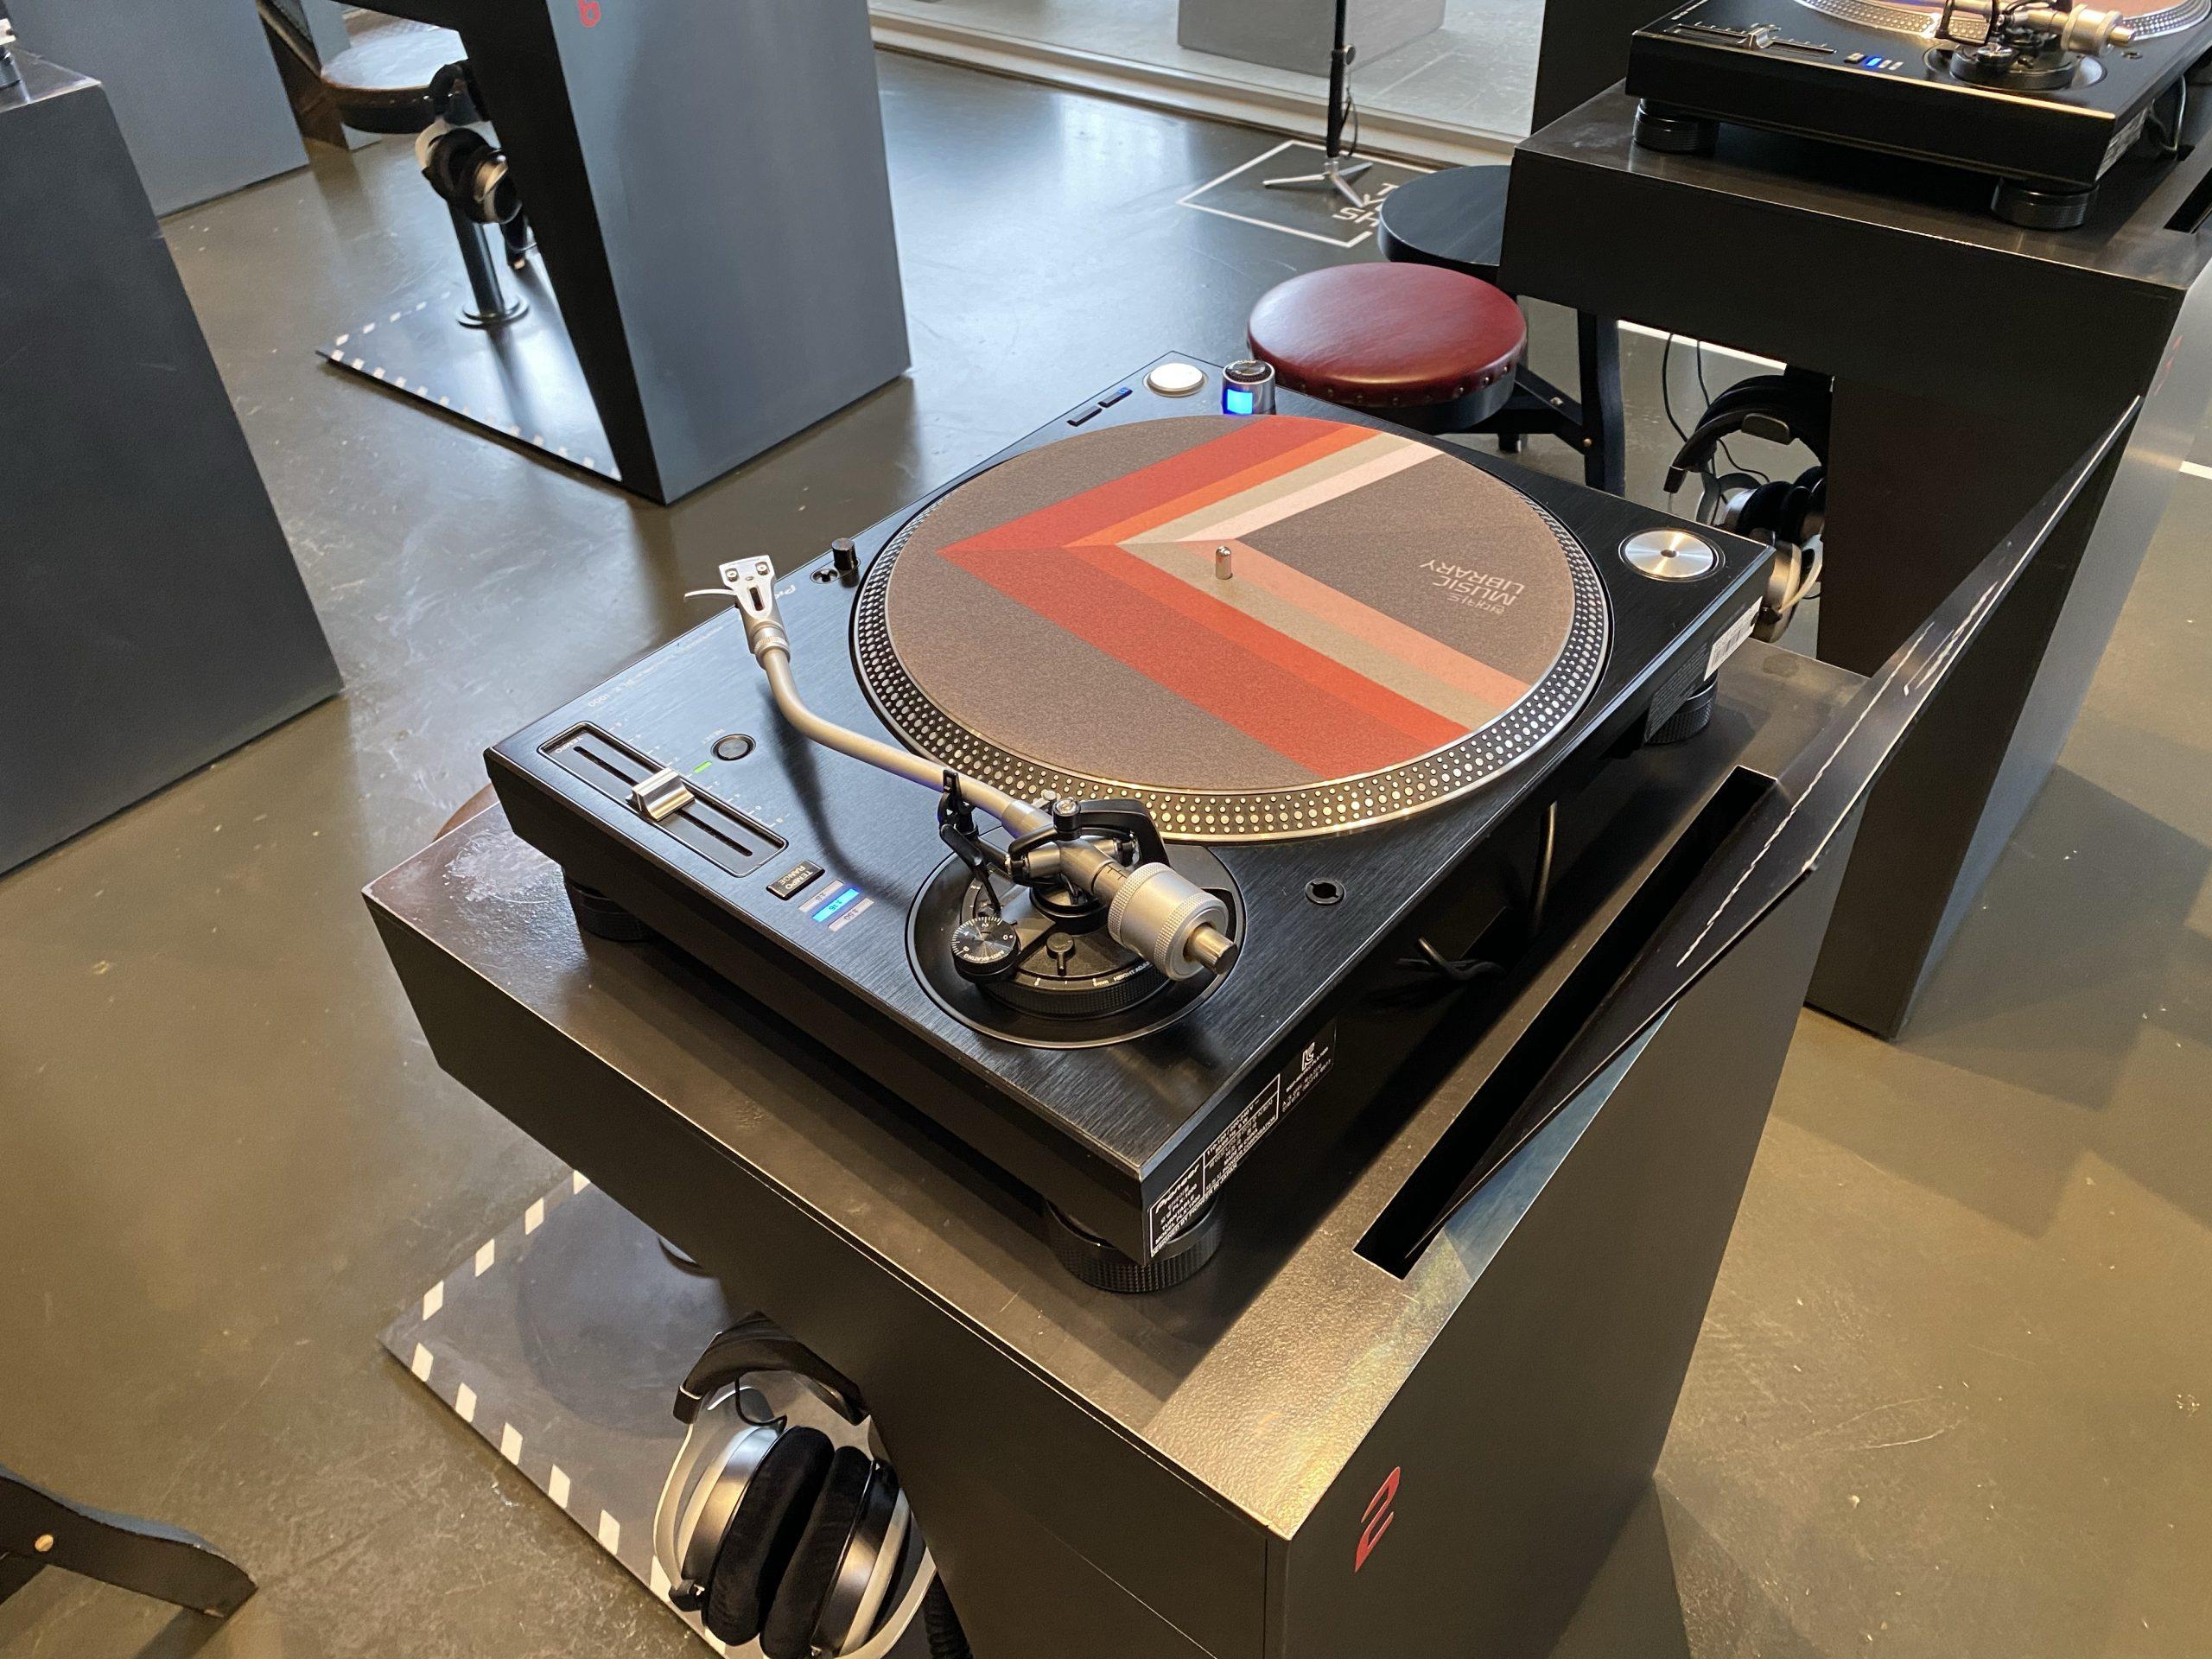 이태원 현대카드 뮤직라이브러리 방문 후기